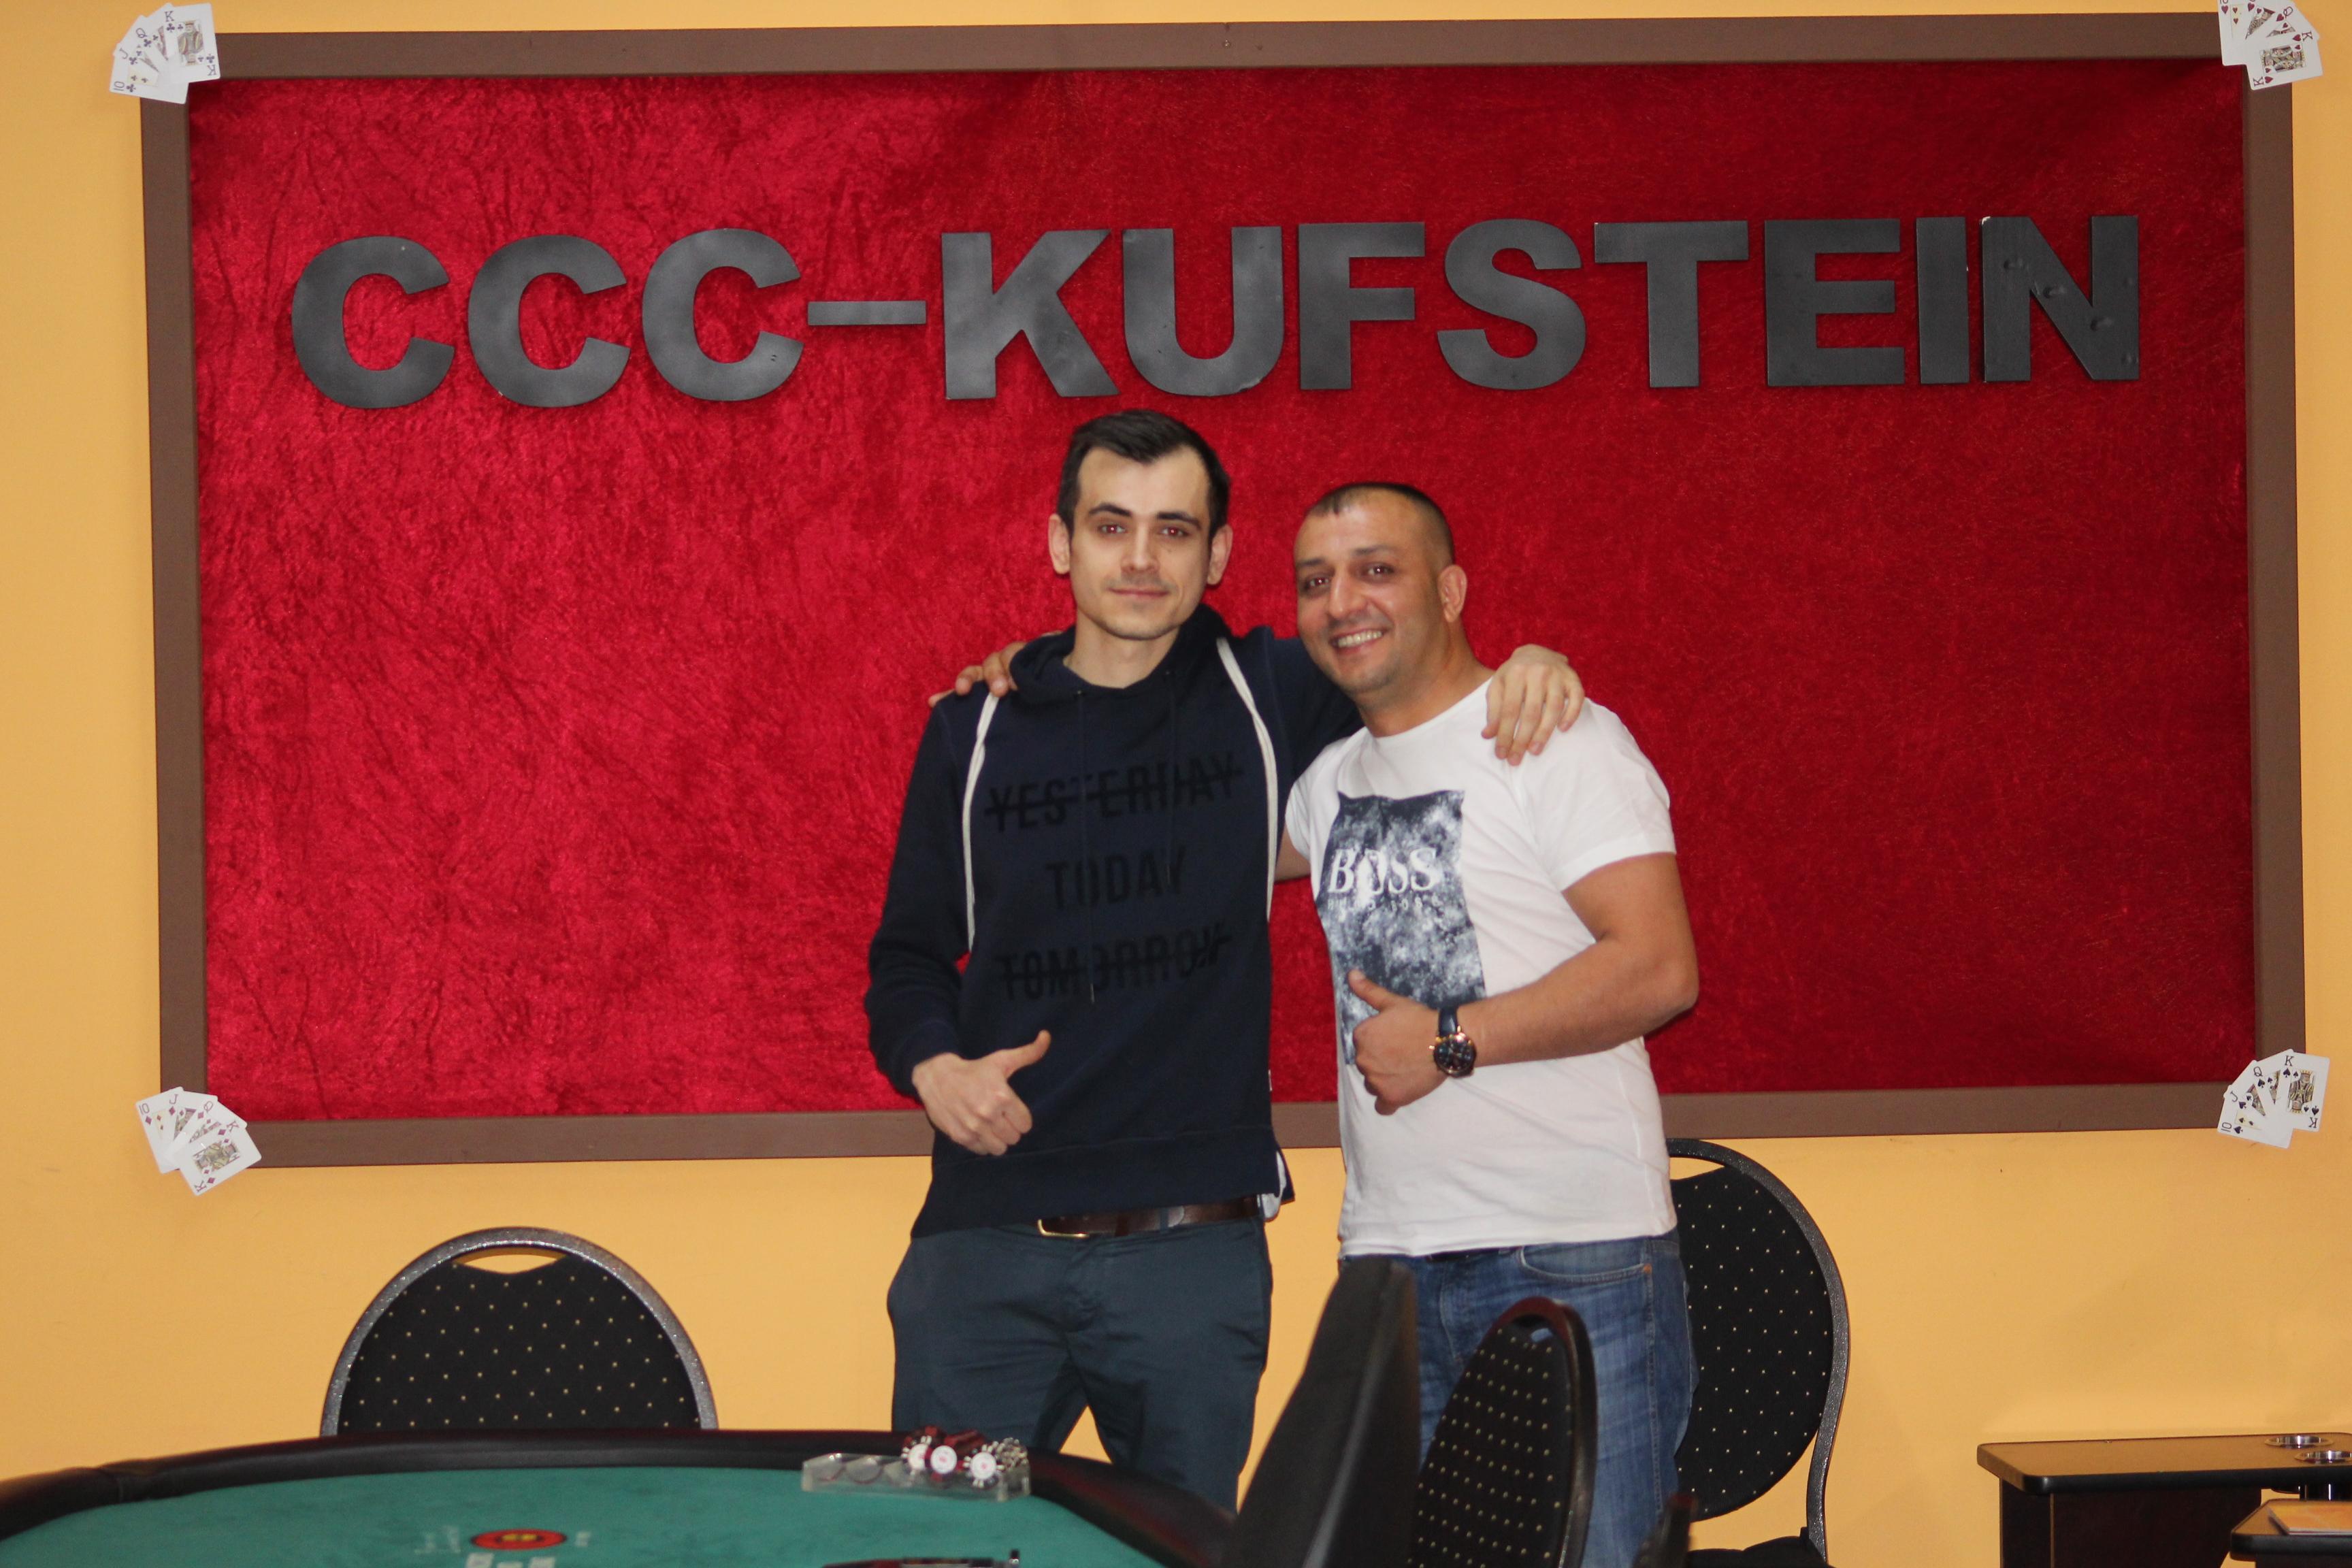 Kufstein Ccc